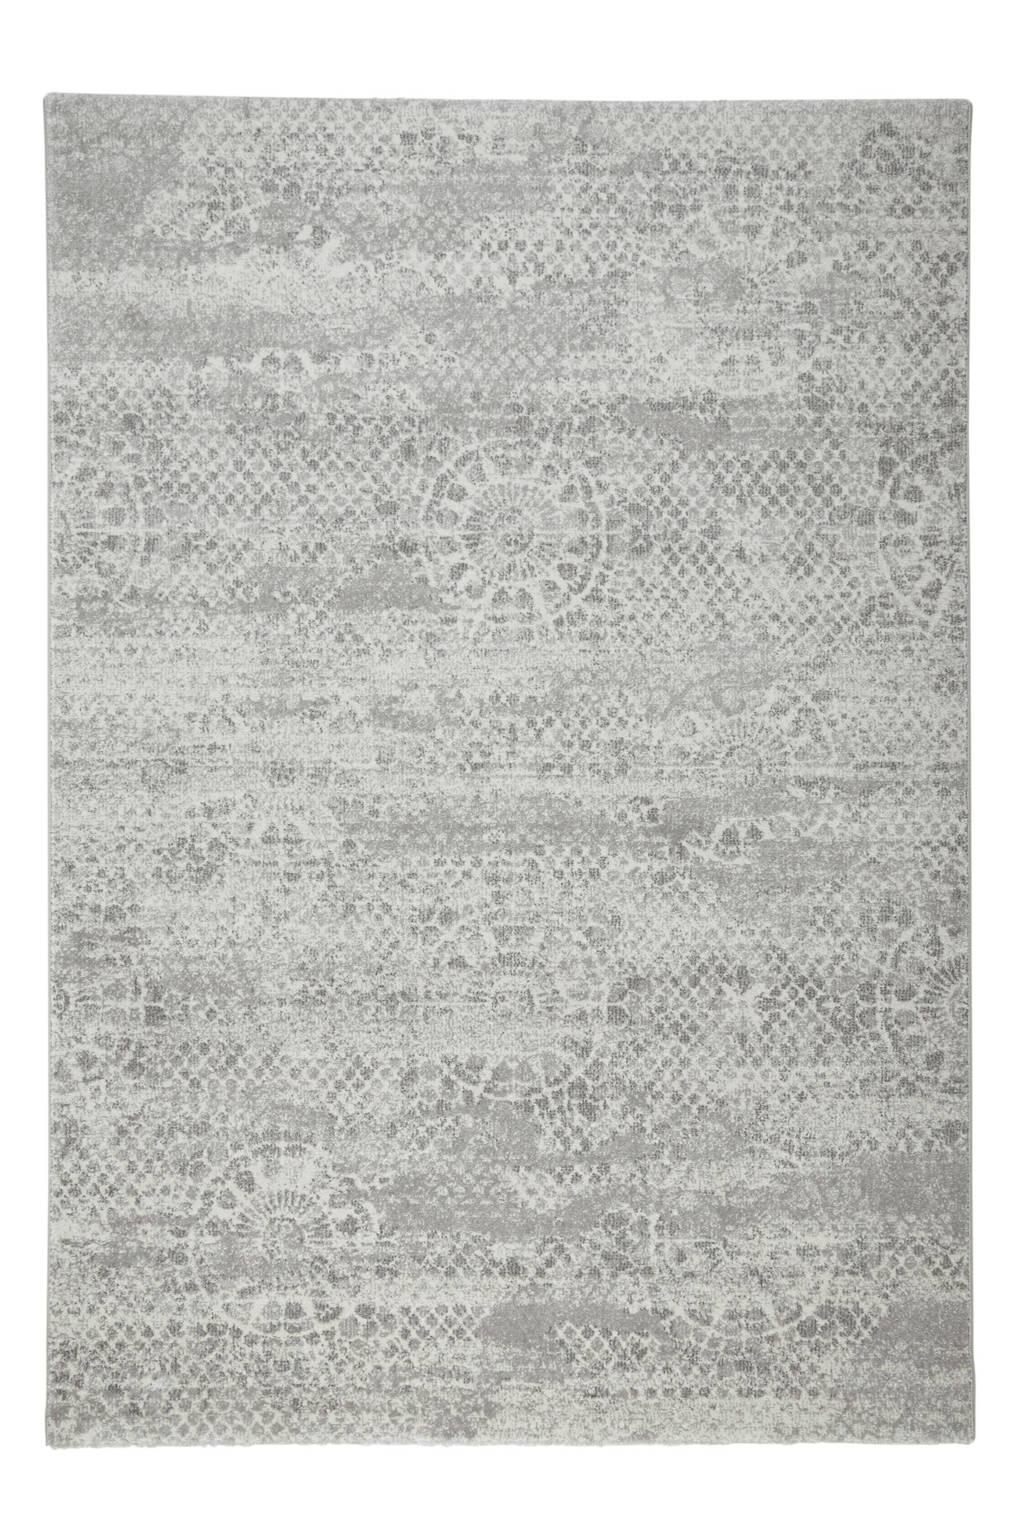 whkmp's own Vloerkleed  (230x160 cm), Grijs/zilver